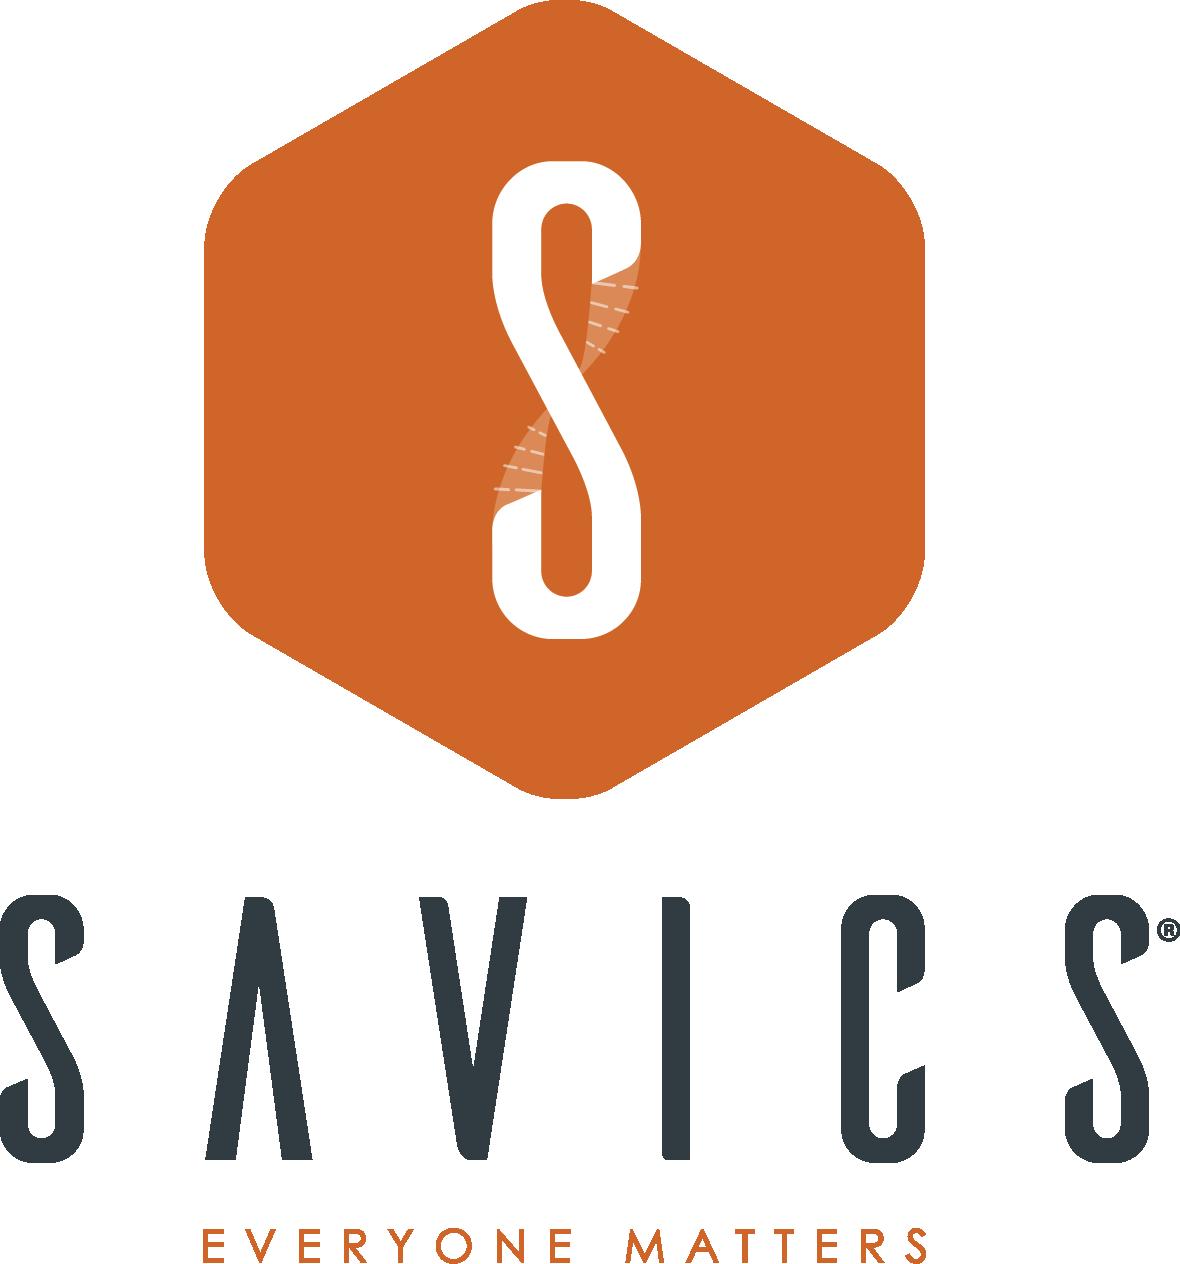 Savics logo